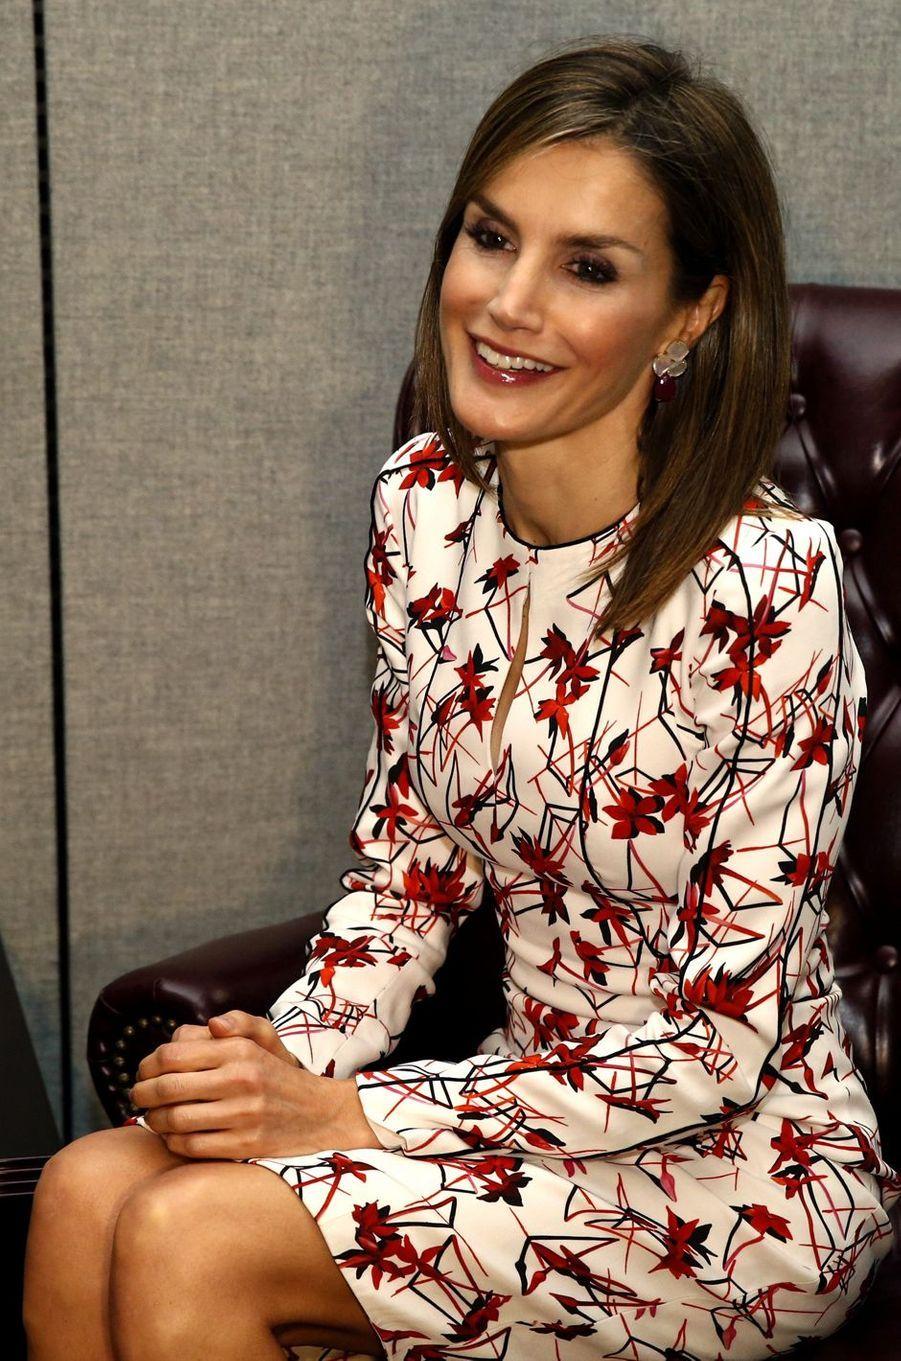 Ce lundi 19 septembre, pour le premier de ses deux jours à New York, en compagnie de son royal époux, la reine Letizia d'Espagne a enchaîné deux looks signés Carolina Herrera.